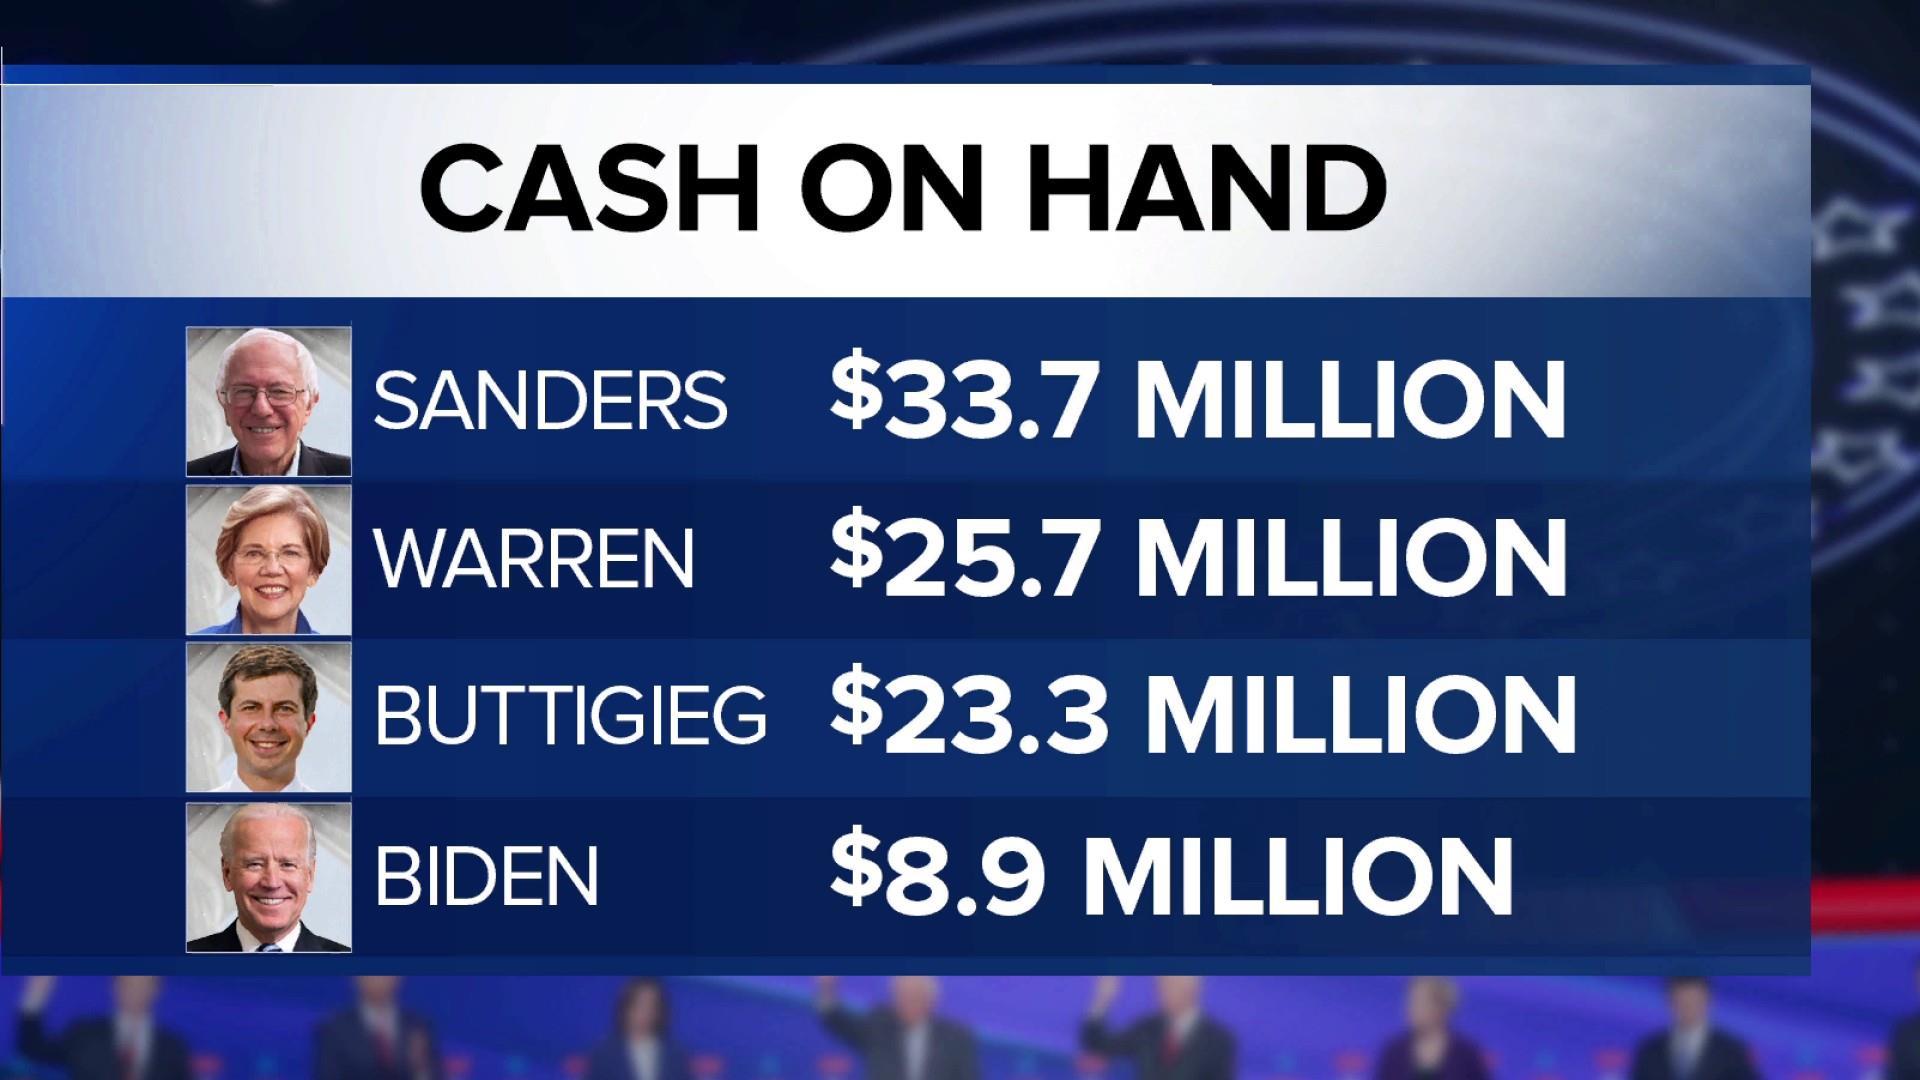 Joe Biden facing cash complications, falling behind competitors